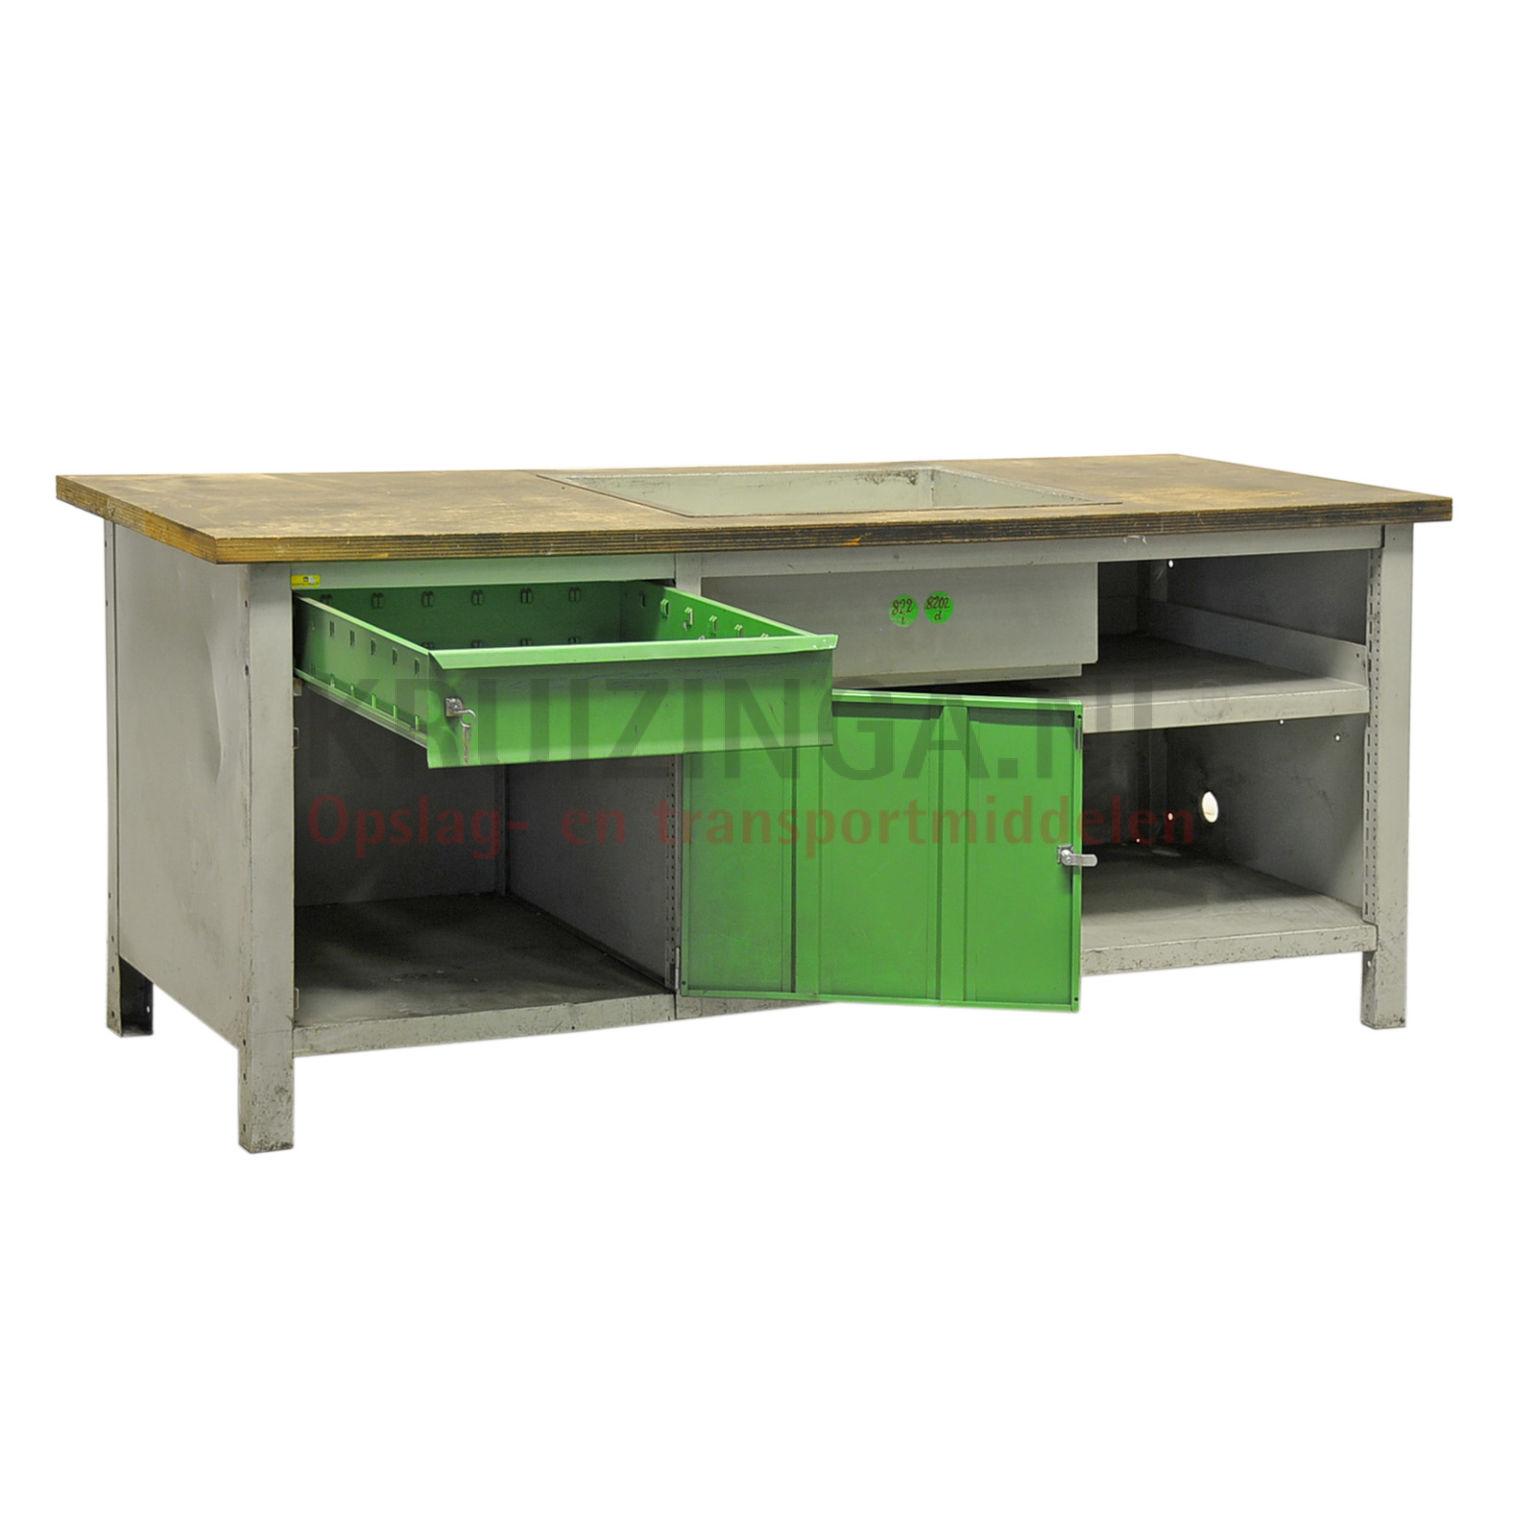 arbeitstisch arbeitstisch arbeitsplatte schrank schublade gebraucht. Black Bedroom Furniture Sets. Home Design Ideas